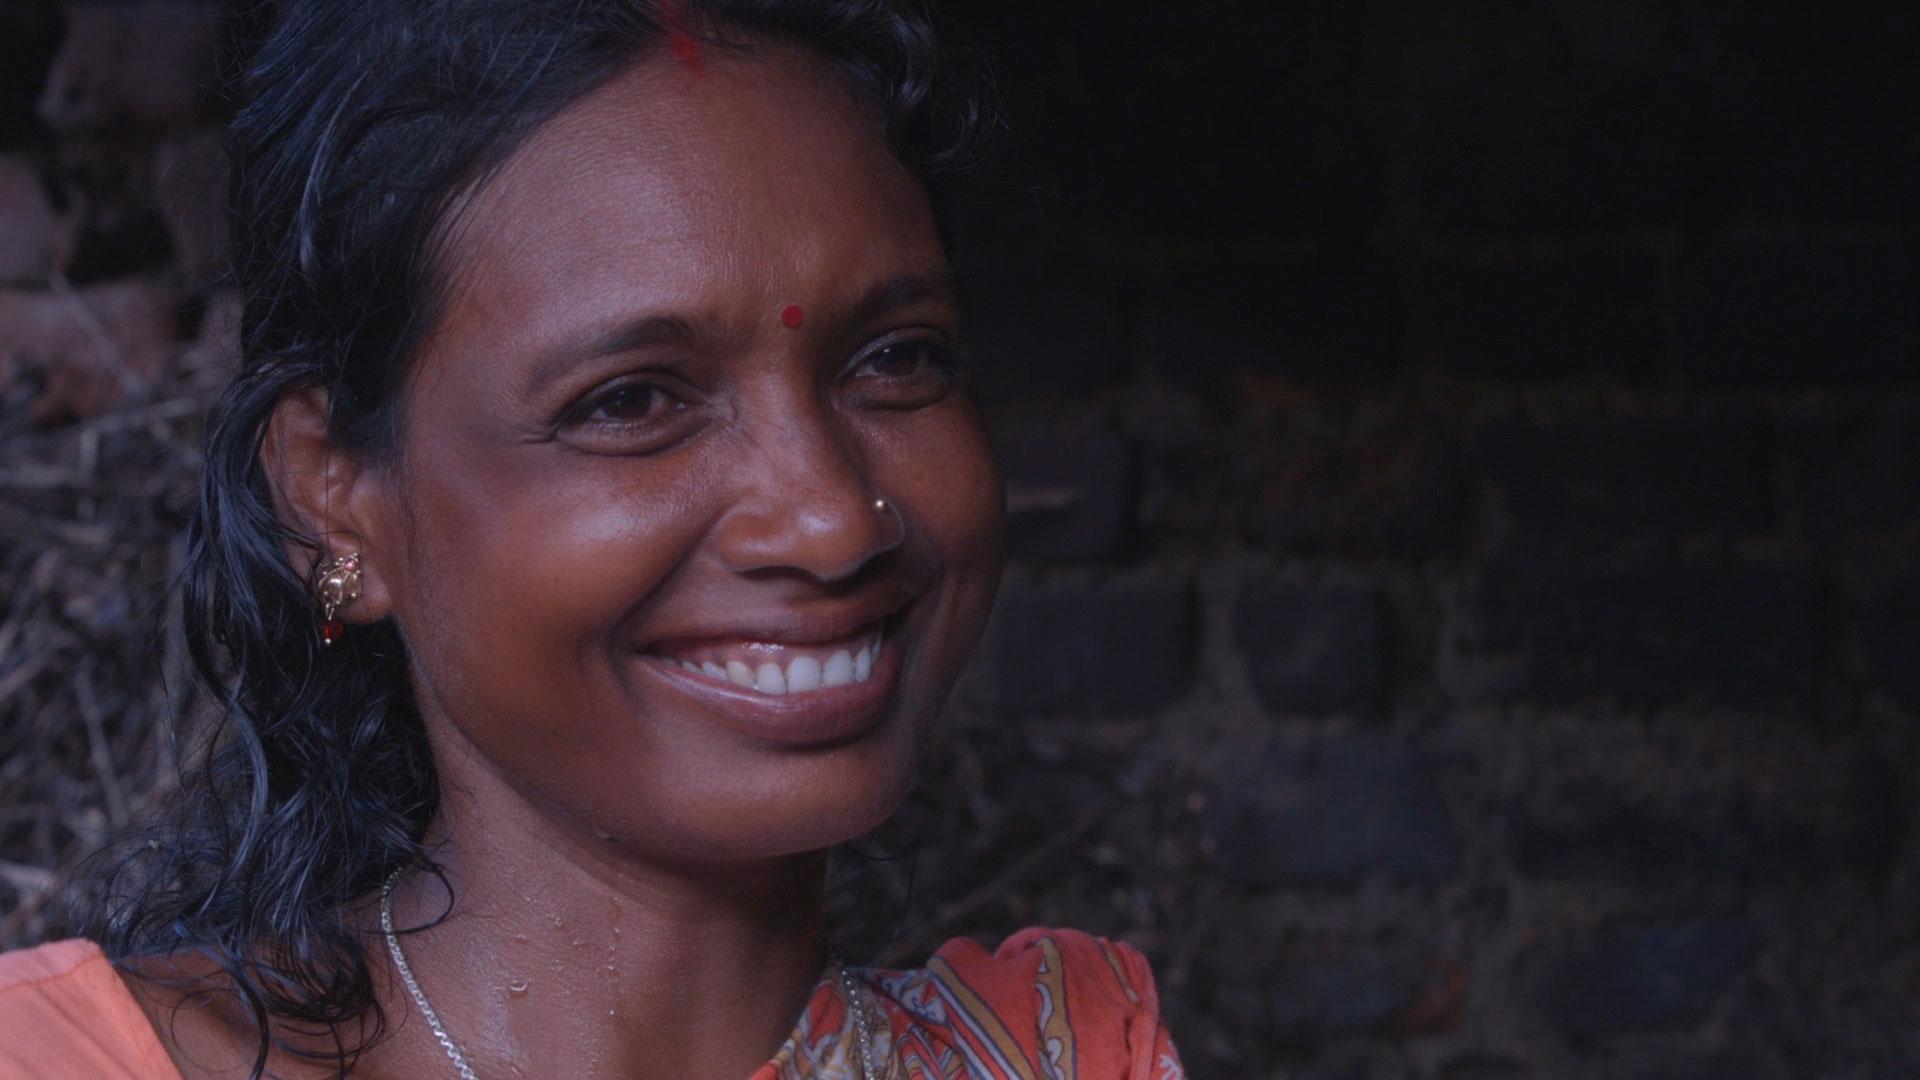 Behind India, una mirada desde sus movimientos sociales